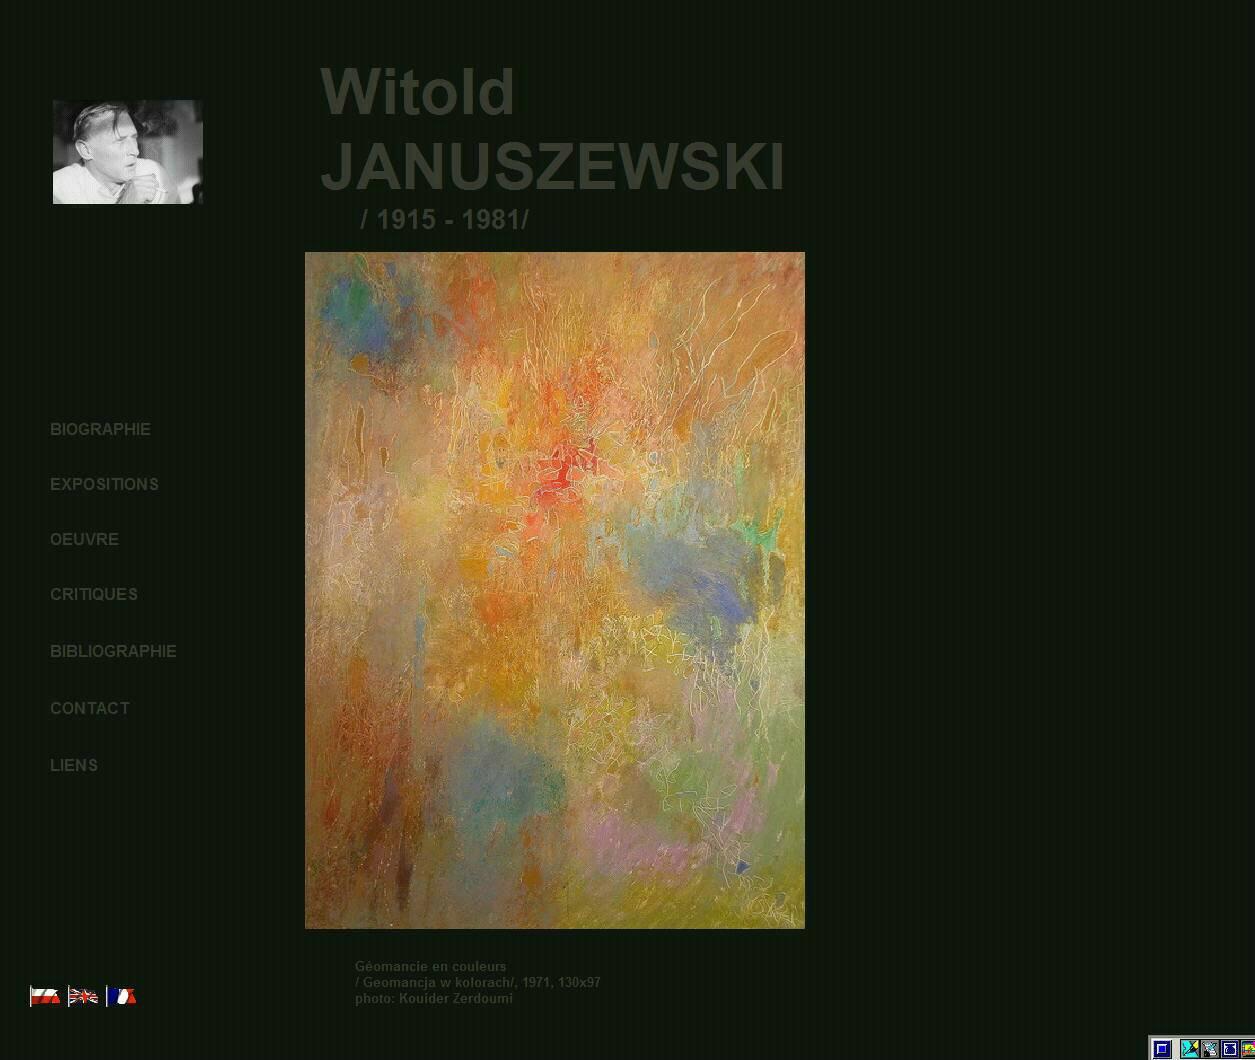 Witold JANUSZEWSKI website